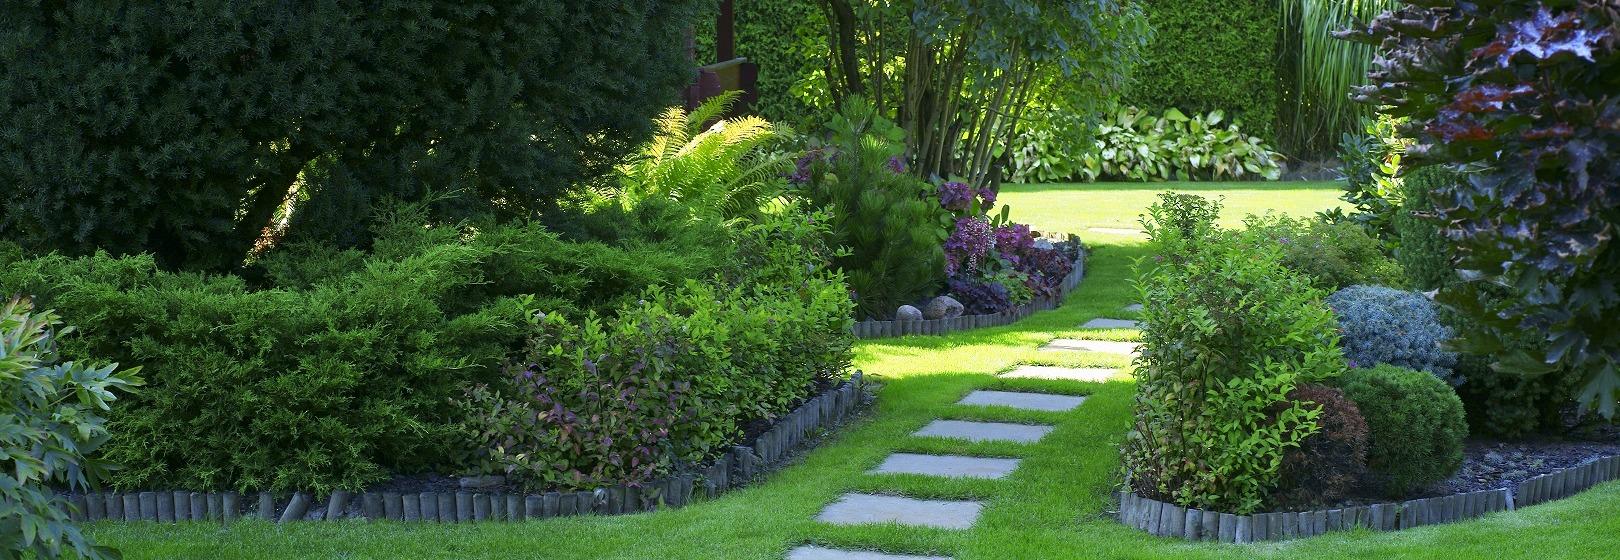 mały ogród z kamienną ścieżką